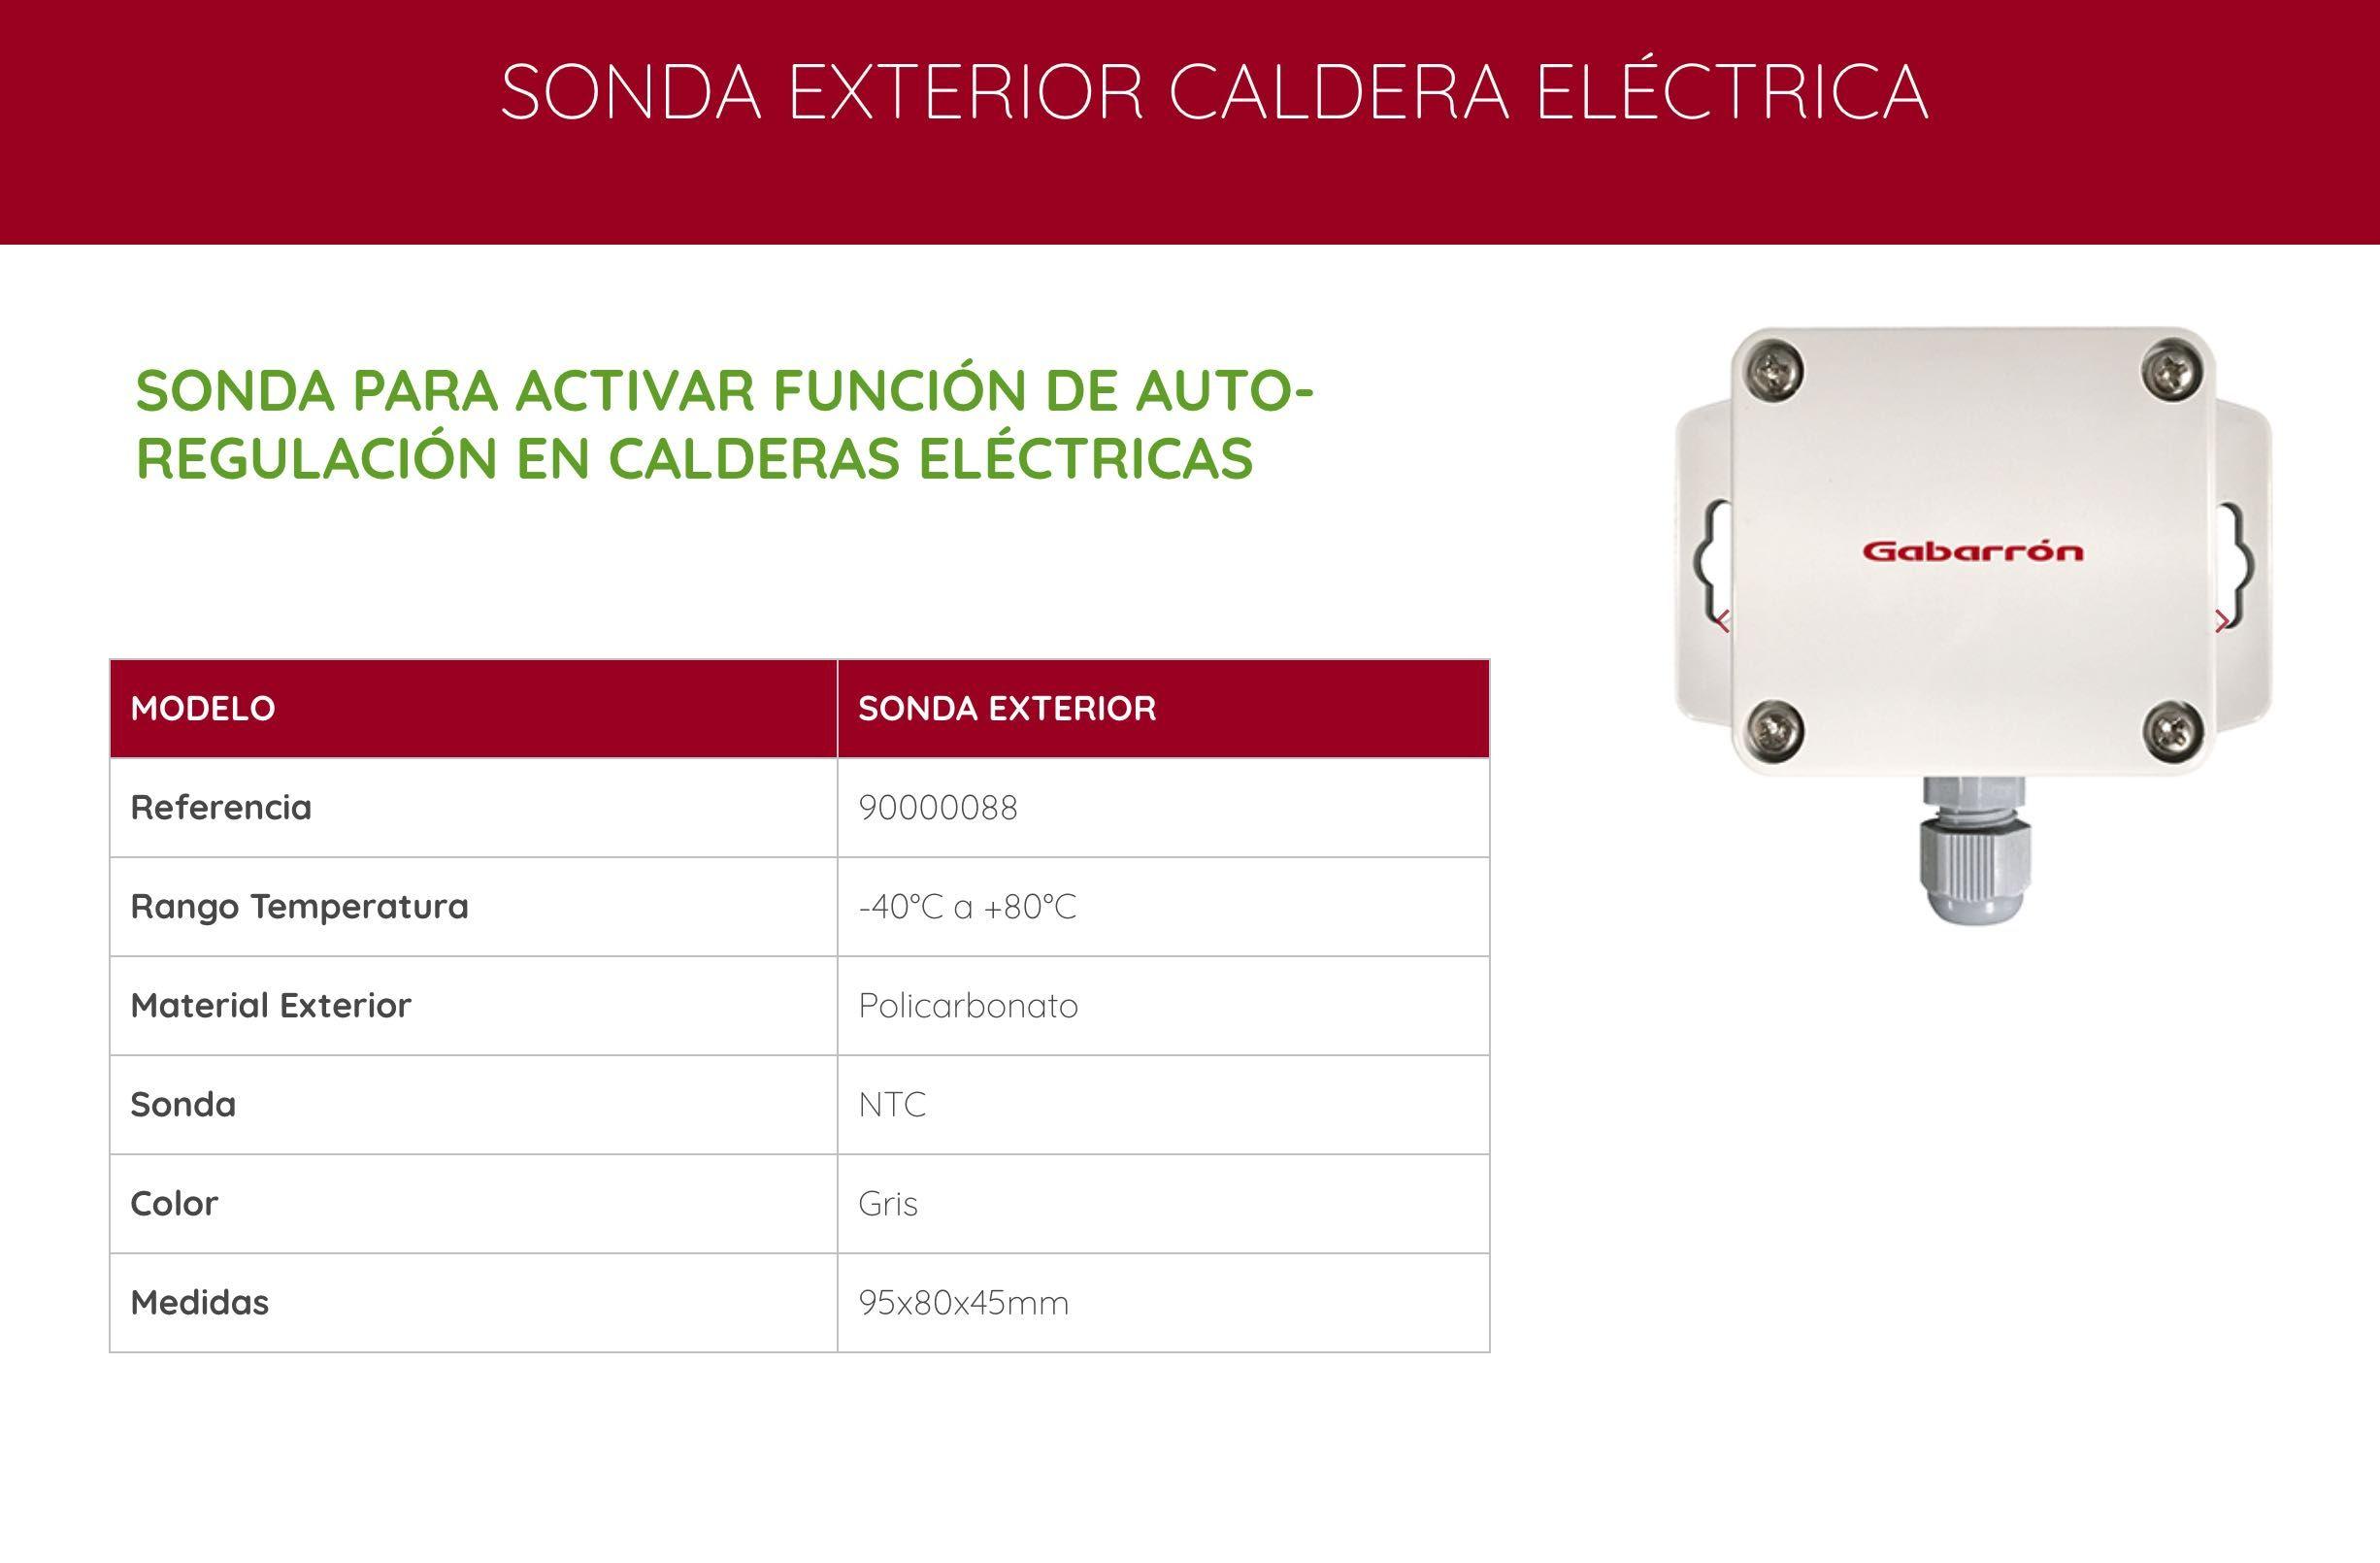 Sonda exterior caldera eléctrica Gabarrón